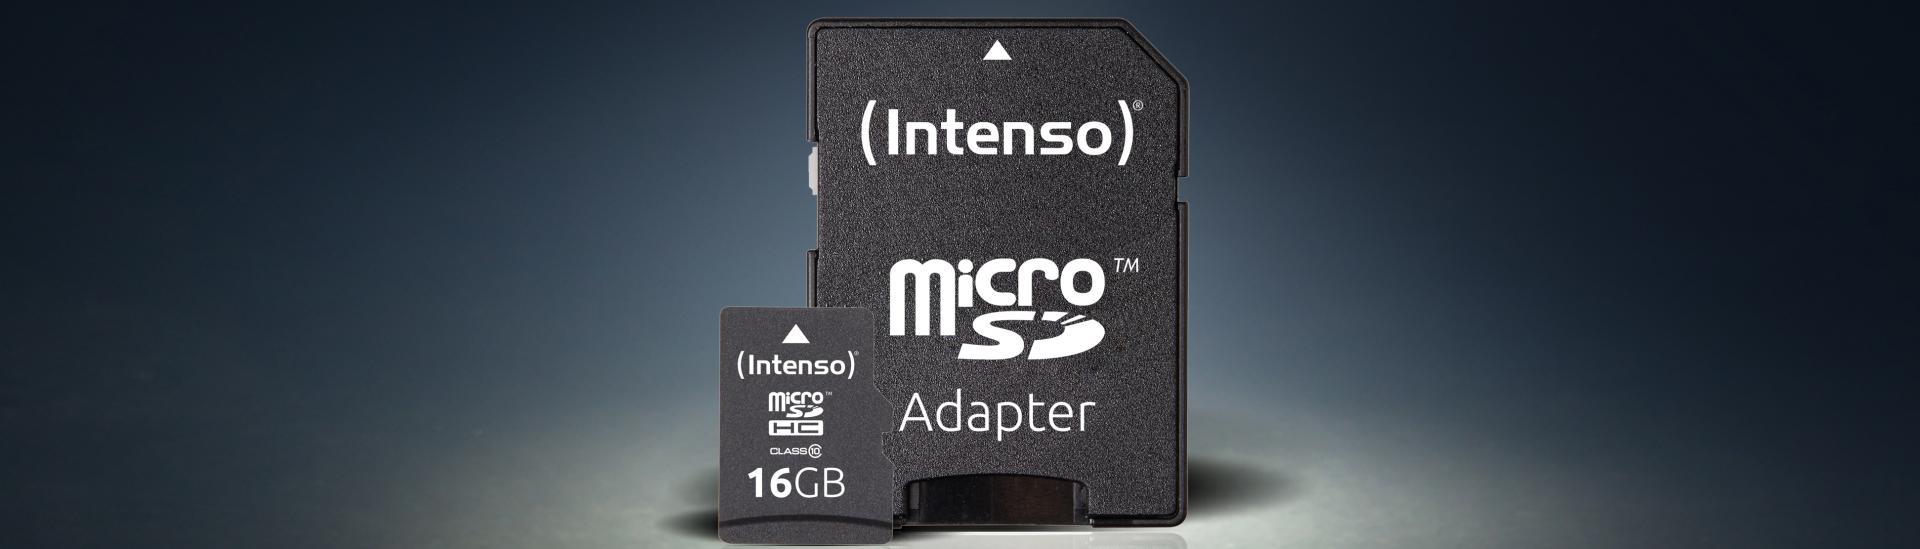 Micro Sd Karte 16gb.Microsd Card Class 10 Drupal